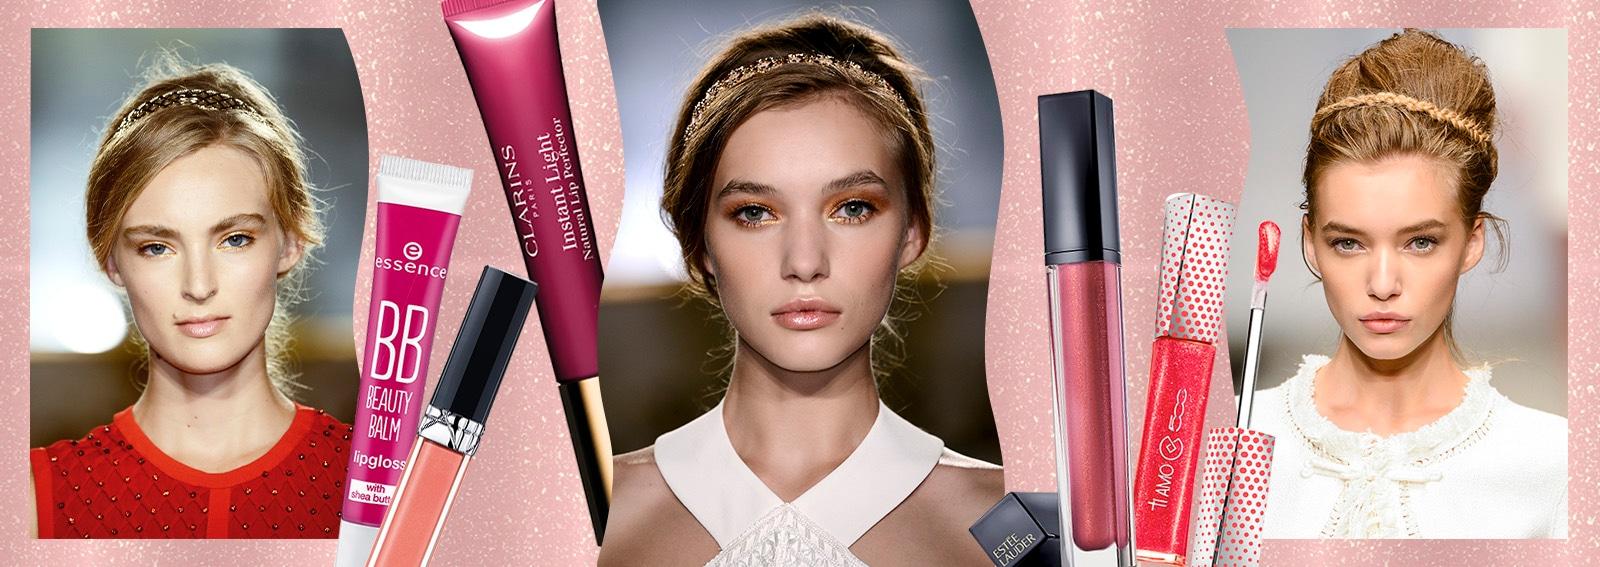 cover-lipgloss-le-novita-per-la-desktop